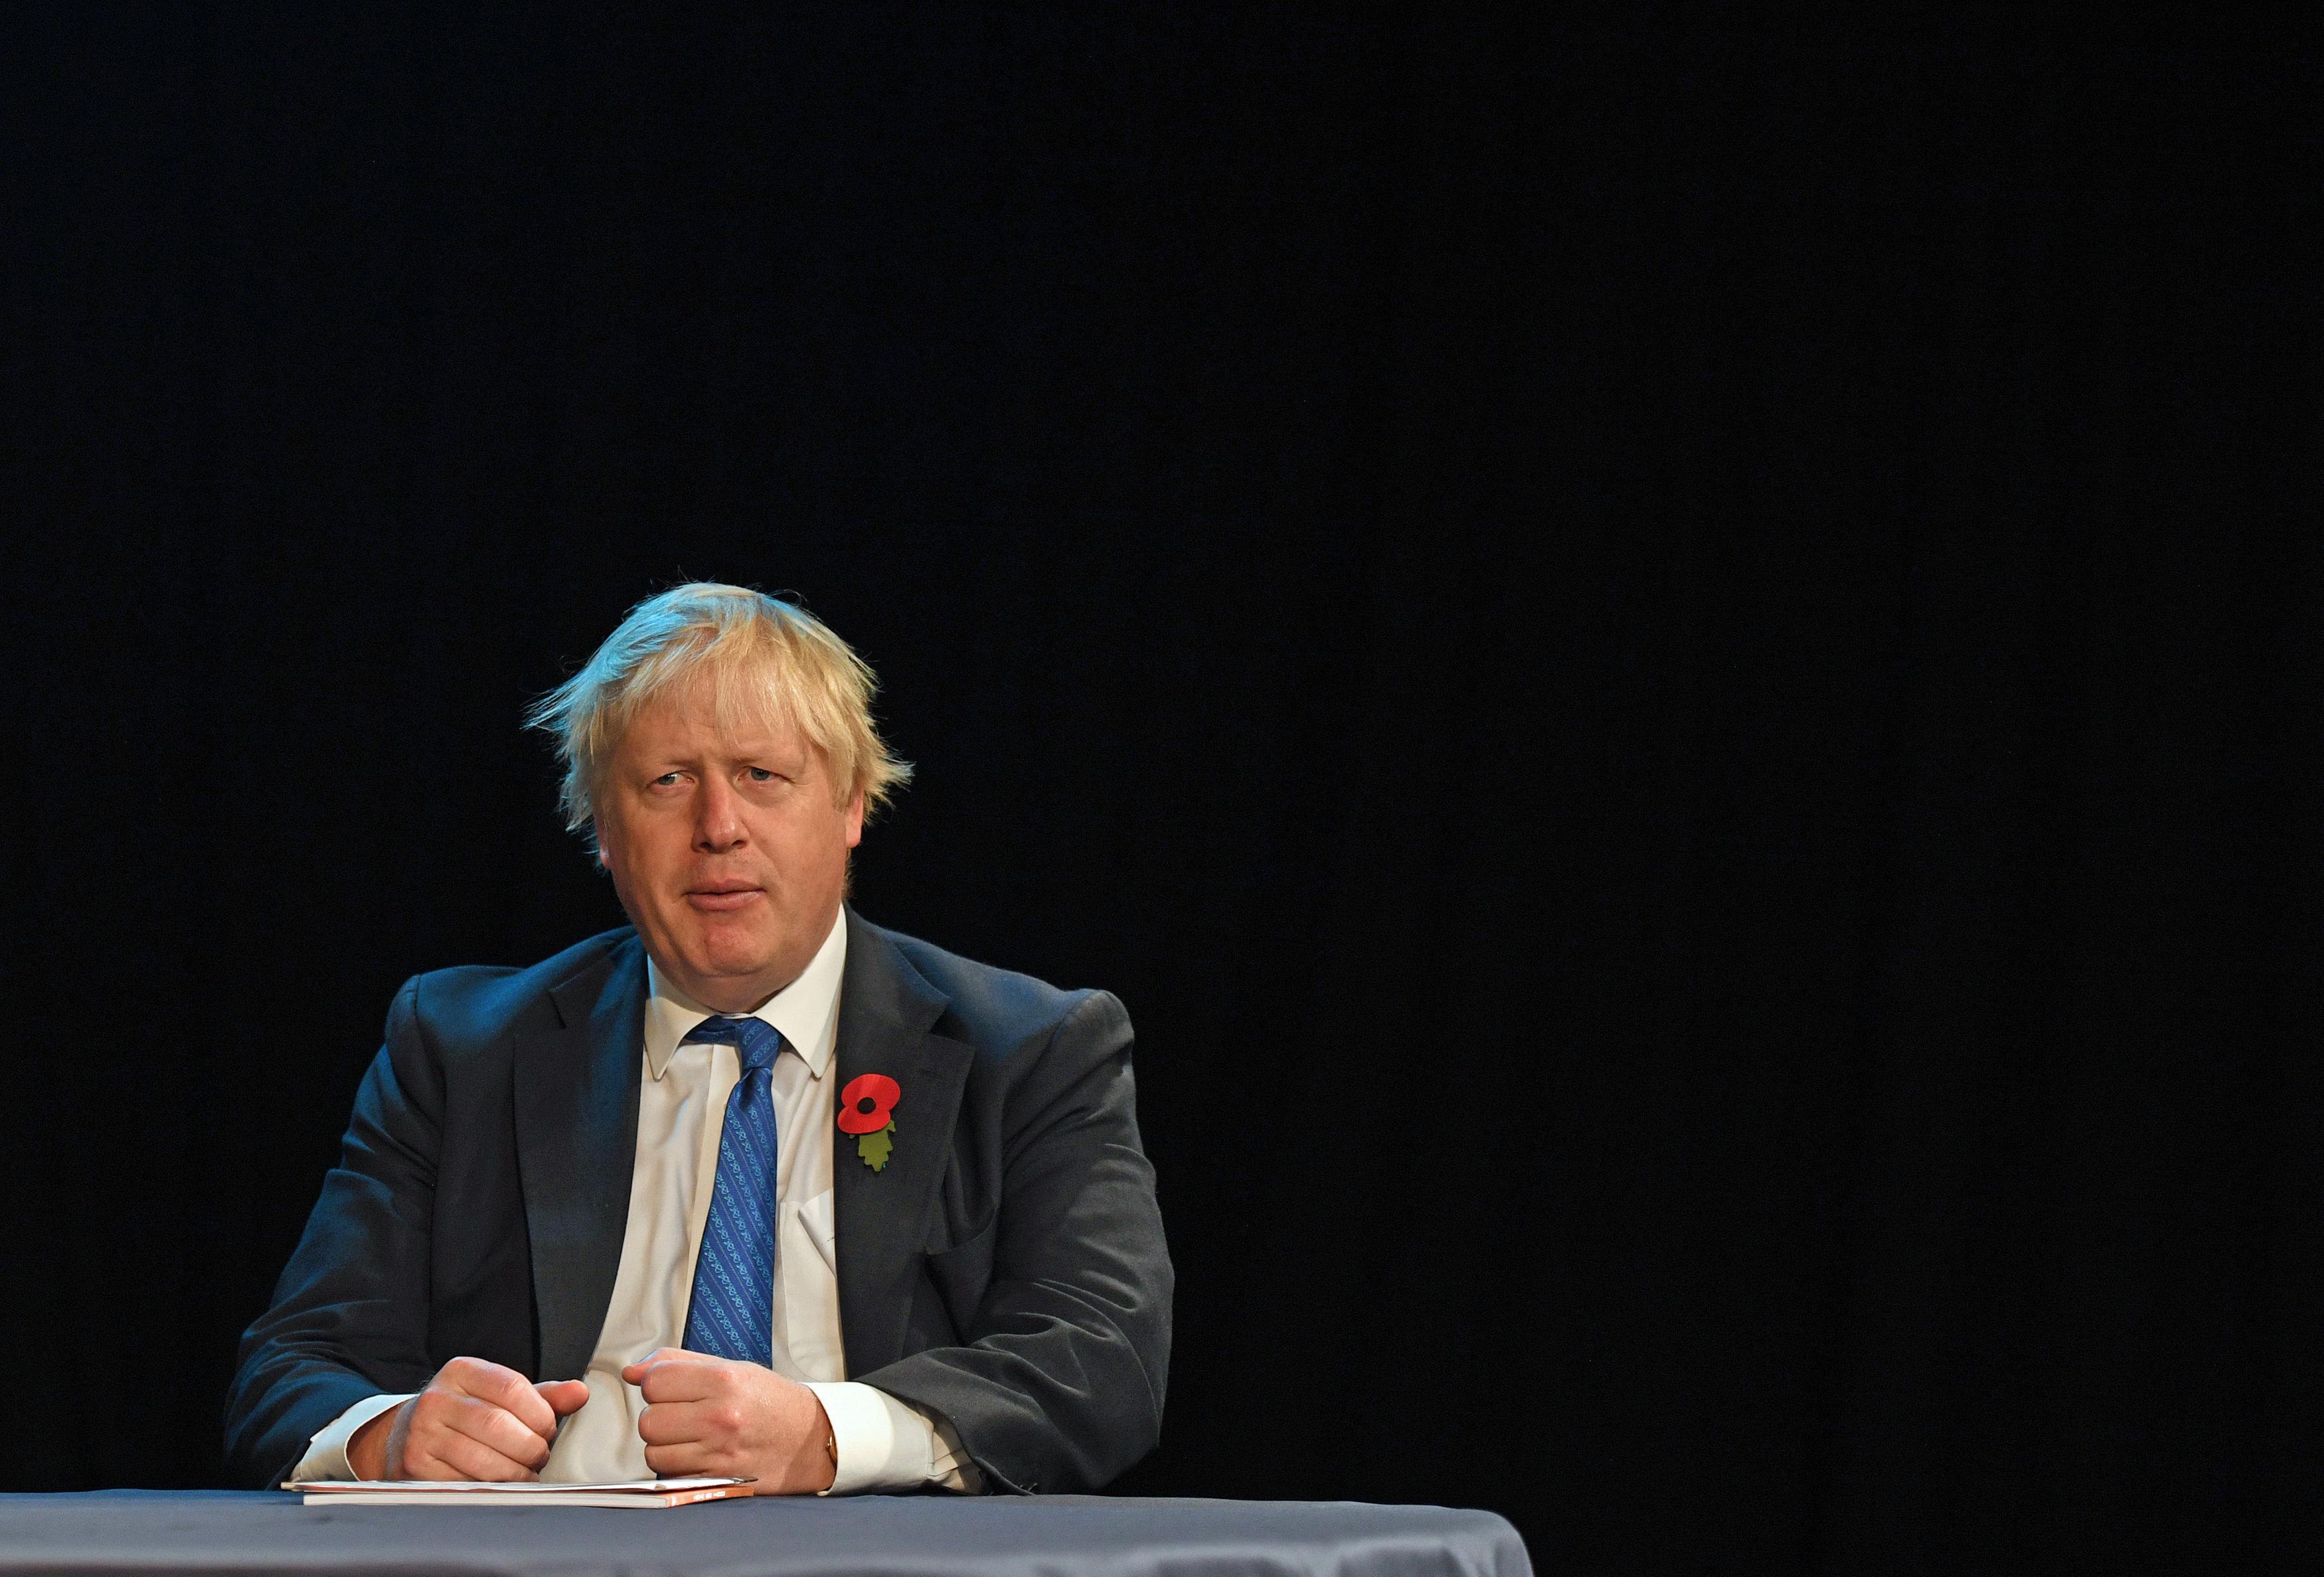 <strong>Foreign Secretary Boris Johnson</strong>